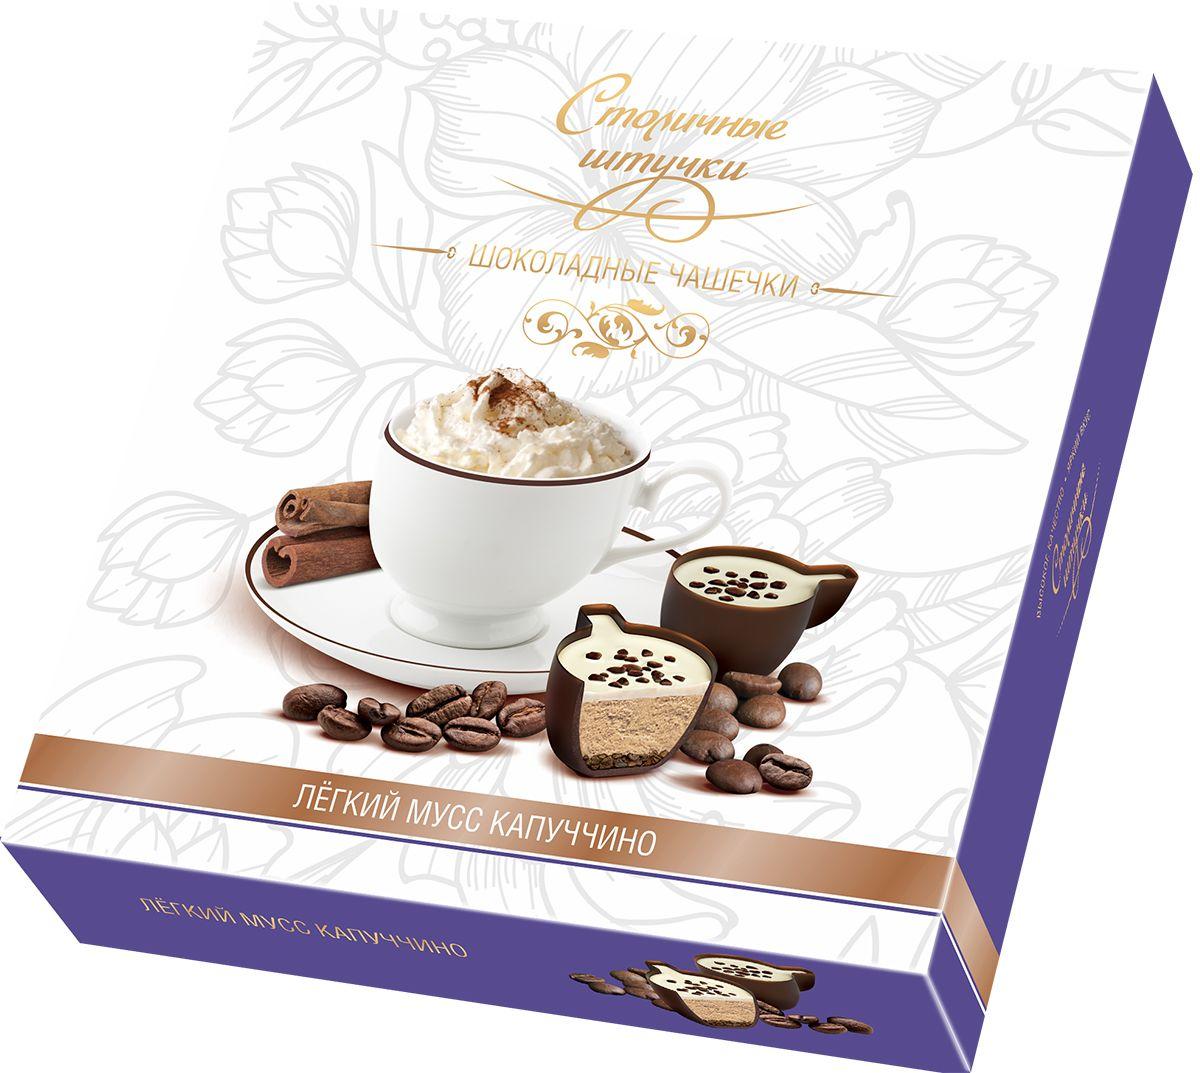 Столичные штучки Конфеты шоколадные